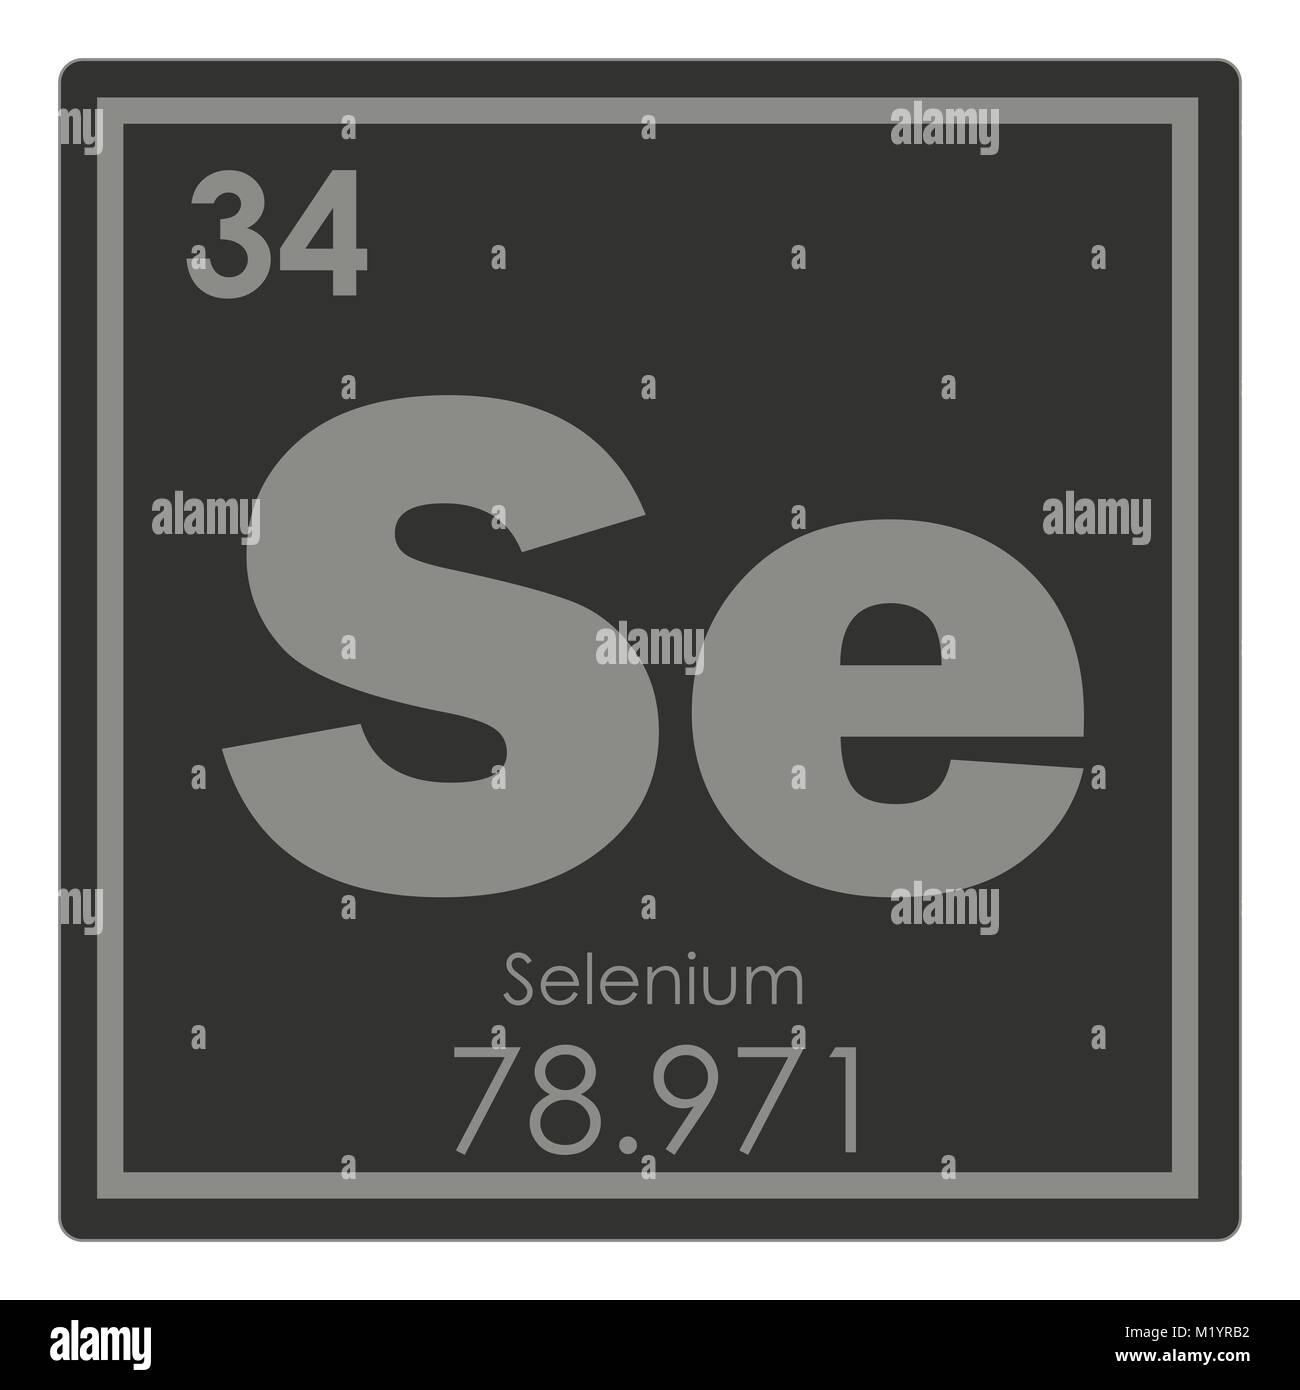 Tabla peridica de elementos qumicos de selenio ciencia smbolo tabla peridica de elementos qumicos de selenio ciencia smbolo urtaz Choice Image